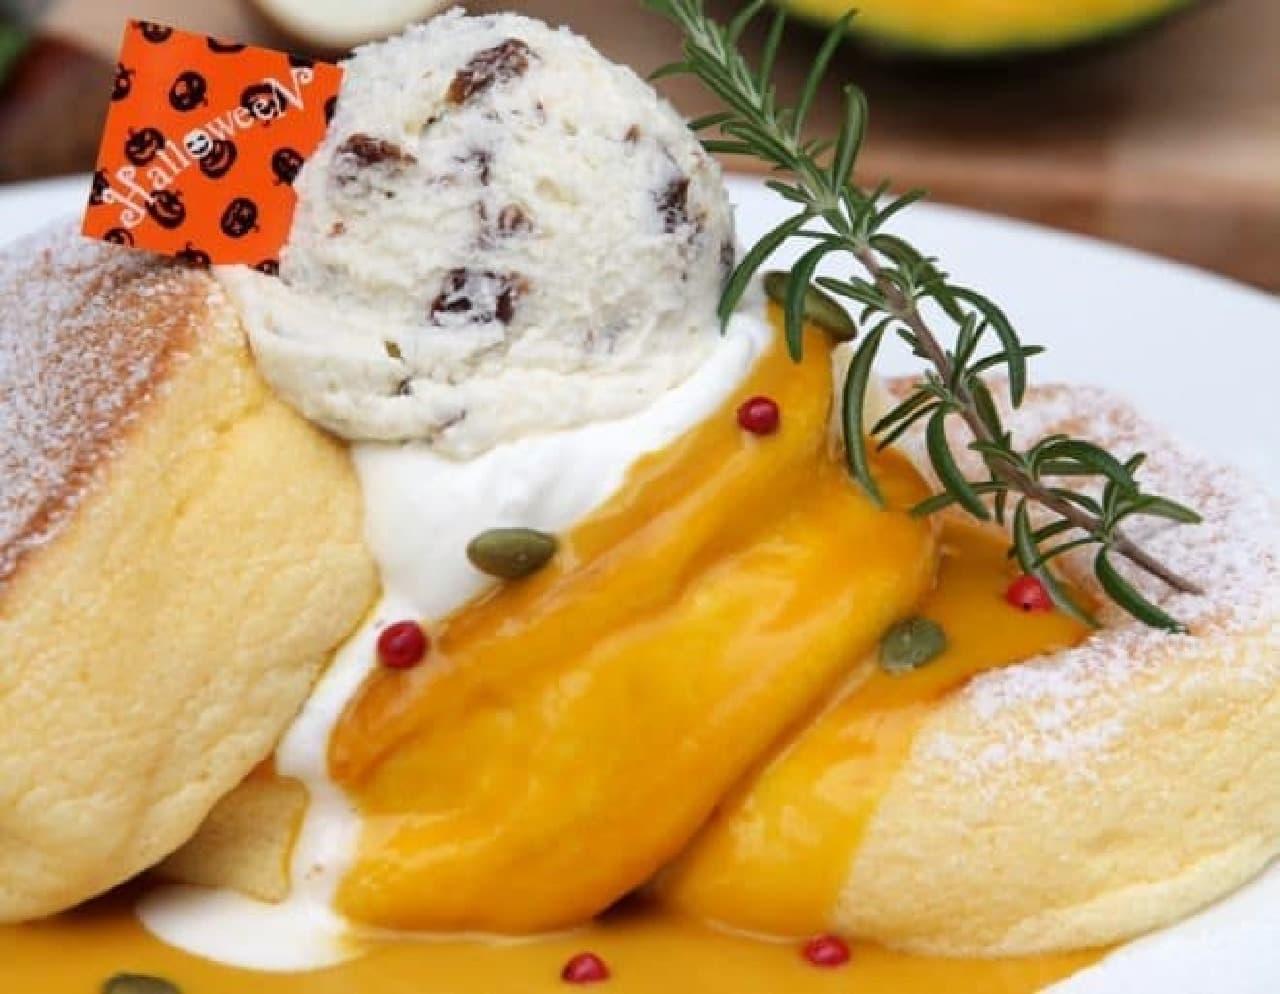 幸せのパンケーキ「かぼちゃのパンケーキ 栗のレーズンバターのせ」